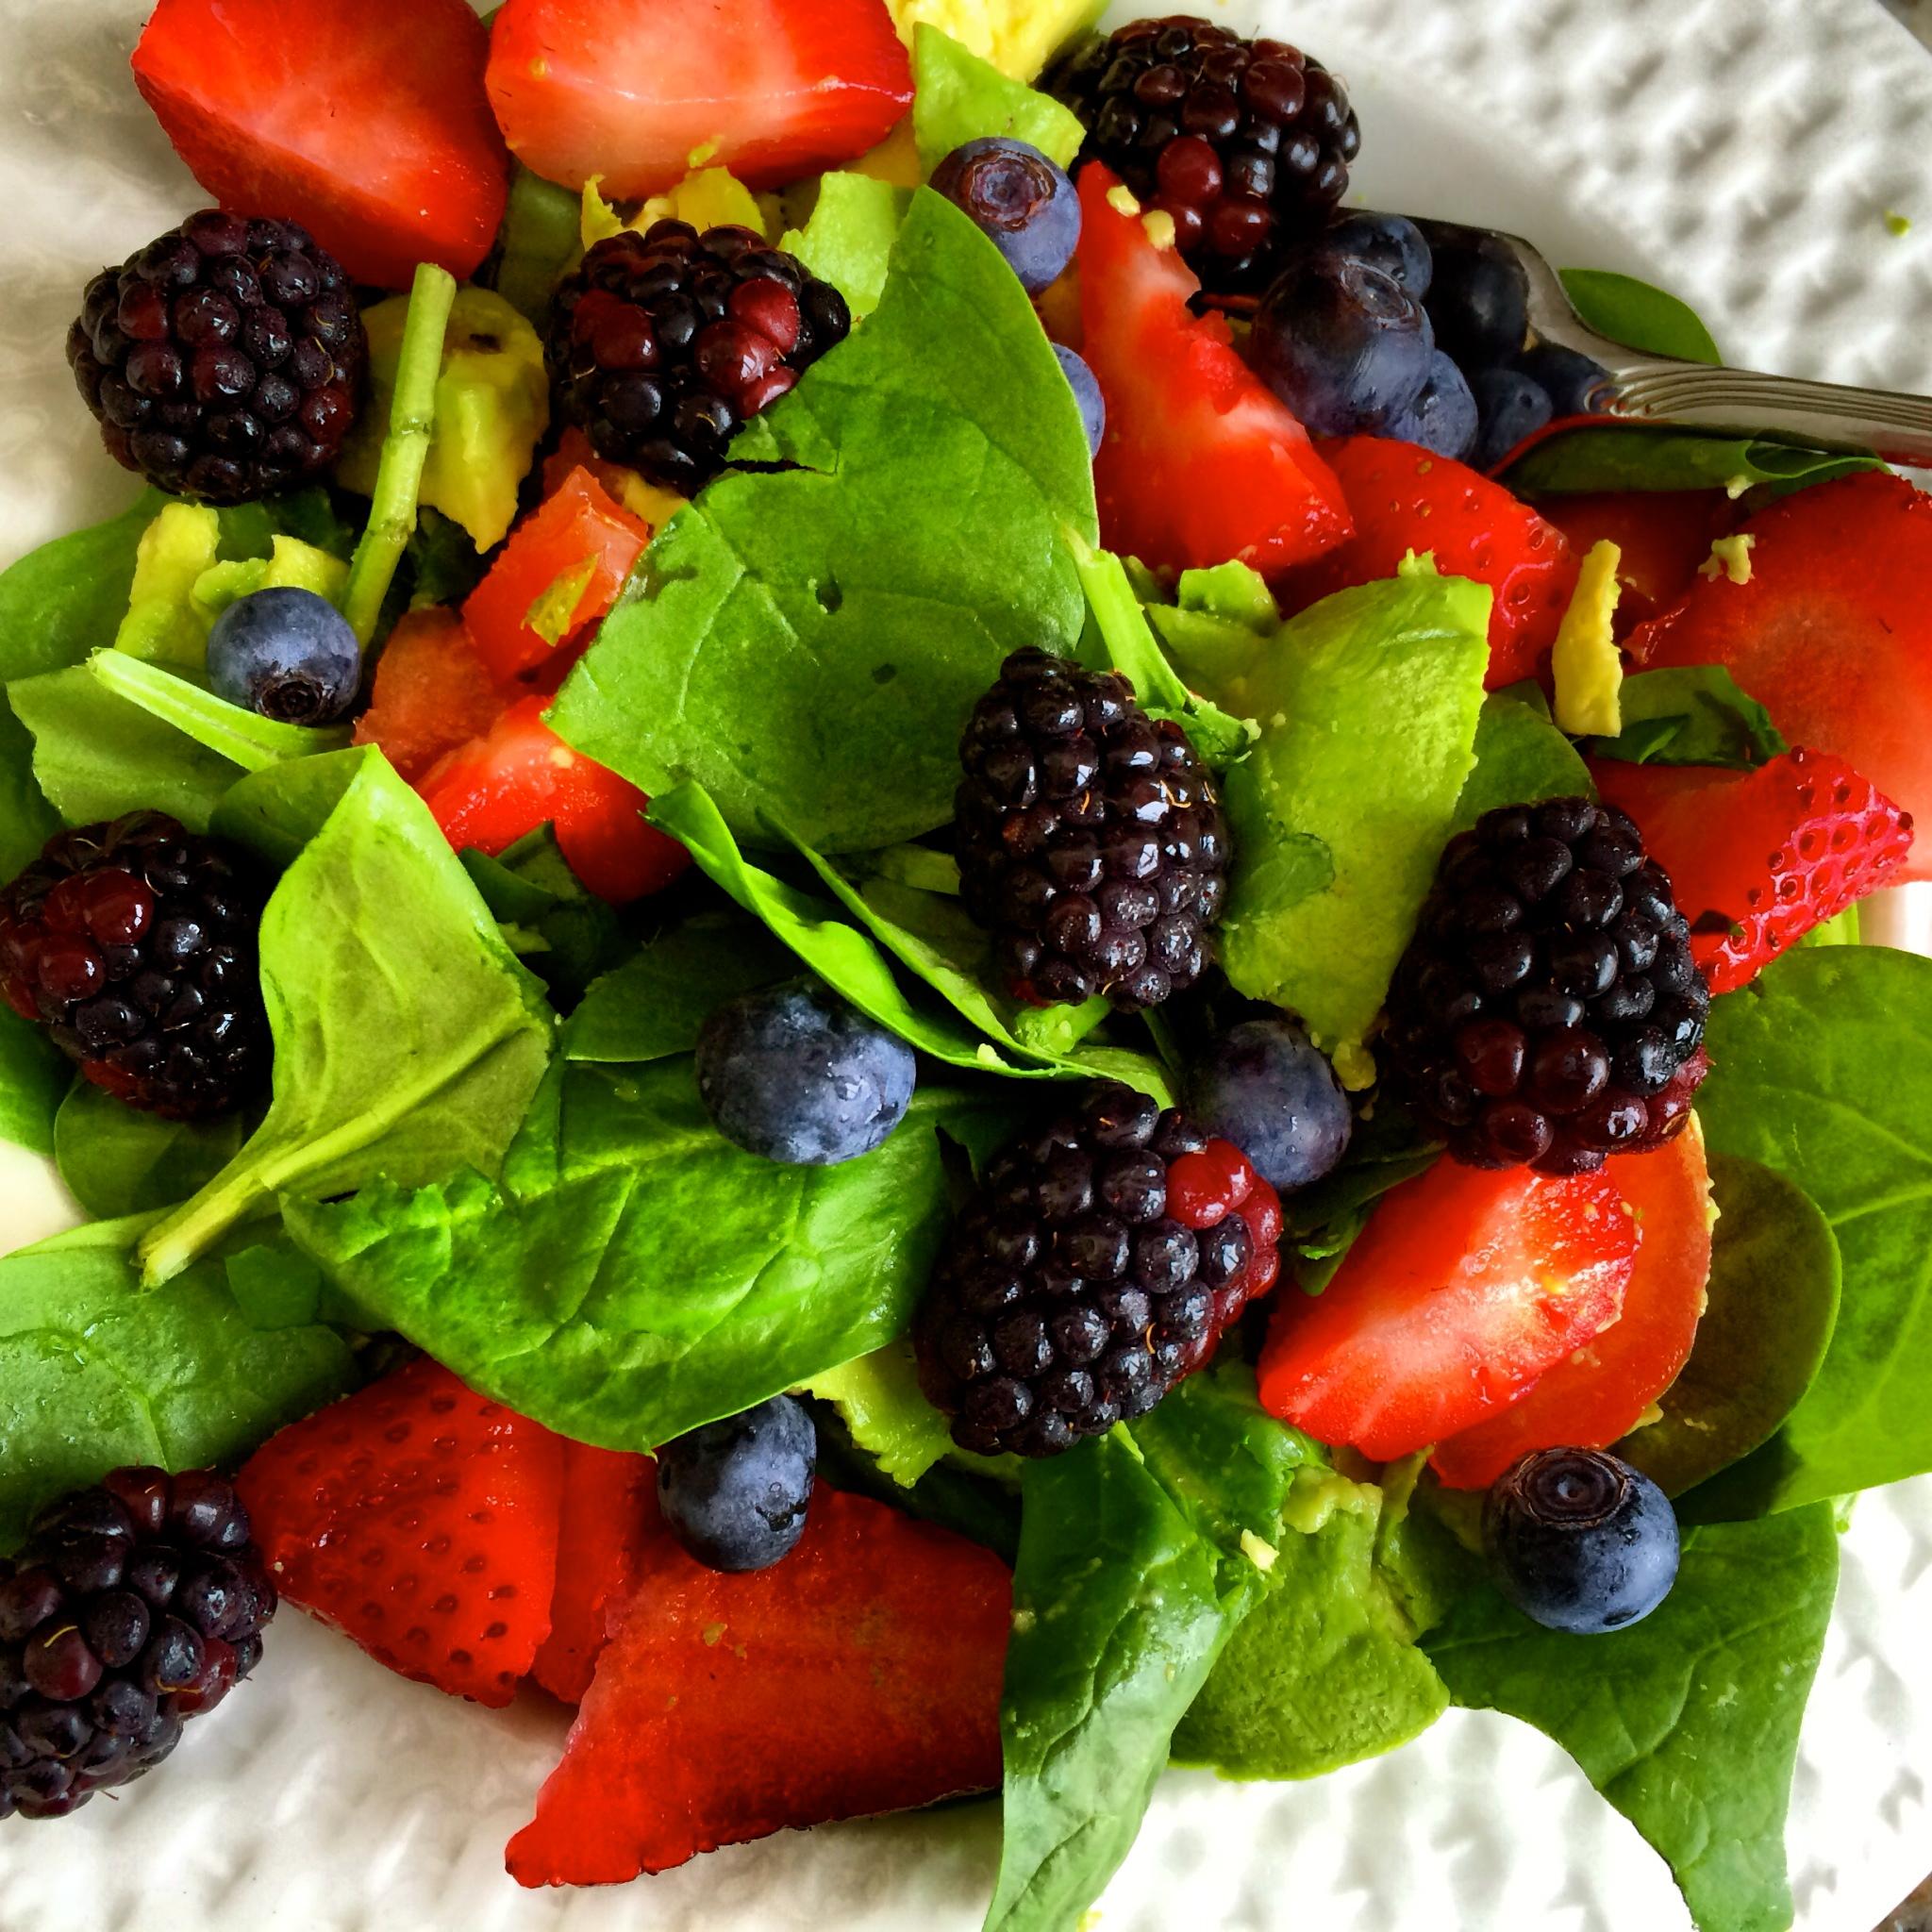 ... Salad this week: Avocado, Tomato, Strawberries, Blackberries